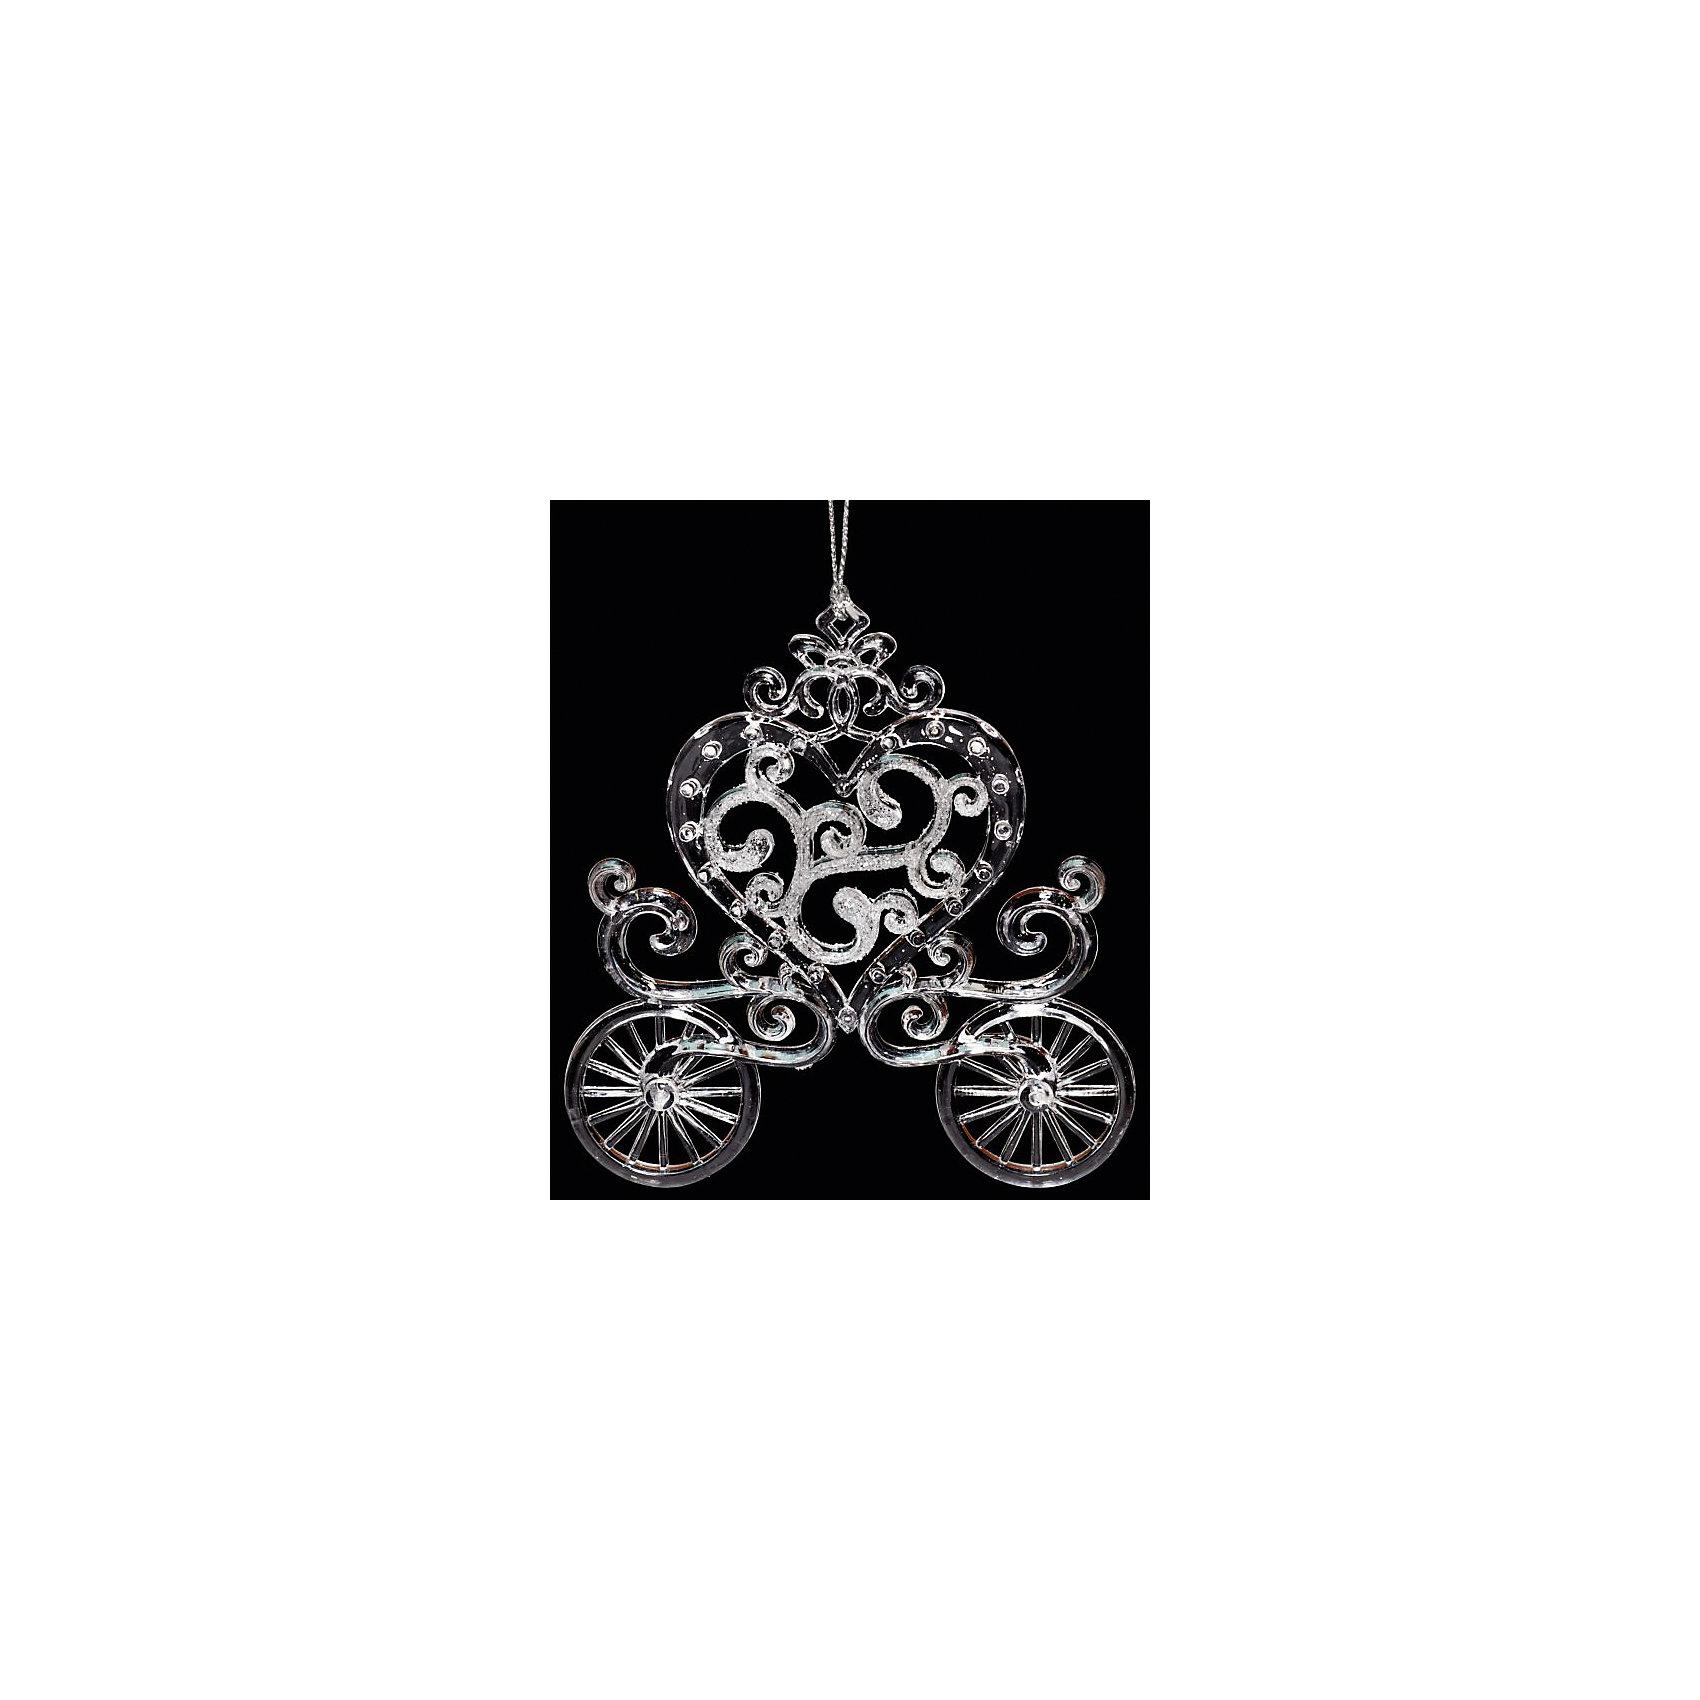 Украшение КаретаУкрашение Карета, Феникс-Презент, замечательно украсит Вашу новогоднюю елку или интерьер и создаст праздничное новогоднее настроение. Украшение выполнено в виде красивой кареты серебристого цвета с кабиной в форме сердечка, оно будет чудесно смотреться на елке и радовать детей и взрослых.<br><br>Дополнительная информация:<br><br>- Материал: пластик.<br>- Размер: 11,4 см.<br>- Размер упаковки: 4 x 13 x 20 см.<br>- Вес: 40 гр.<br><br>Украшение Карета, Феникс-Презент, можно купить в нашем интернет-магазине.<br><br>Ширина мм: 40<br>Глубина мм: 130<br>Высота мм: 200<br>Вес г: 40<br>Возраст от месяцев: 36<br>Возраст до месяцев: 2147483647<br>Пол: Унисекс<br>Возраст: Детский<br>SKU: 4276498